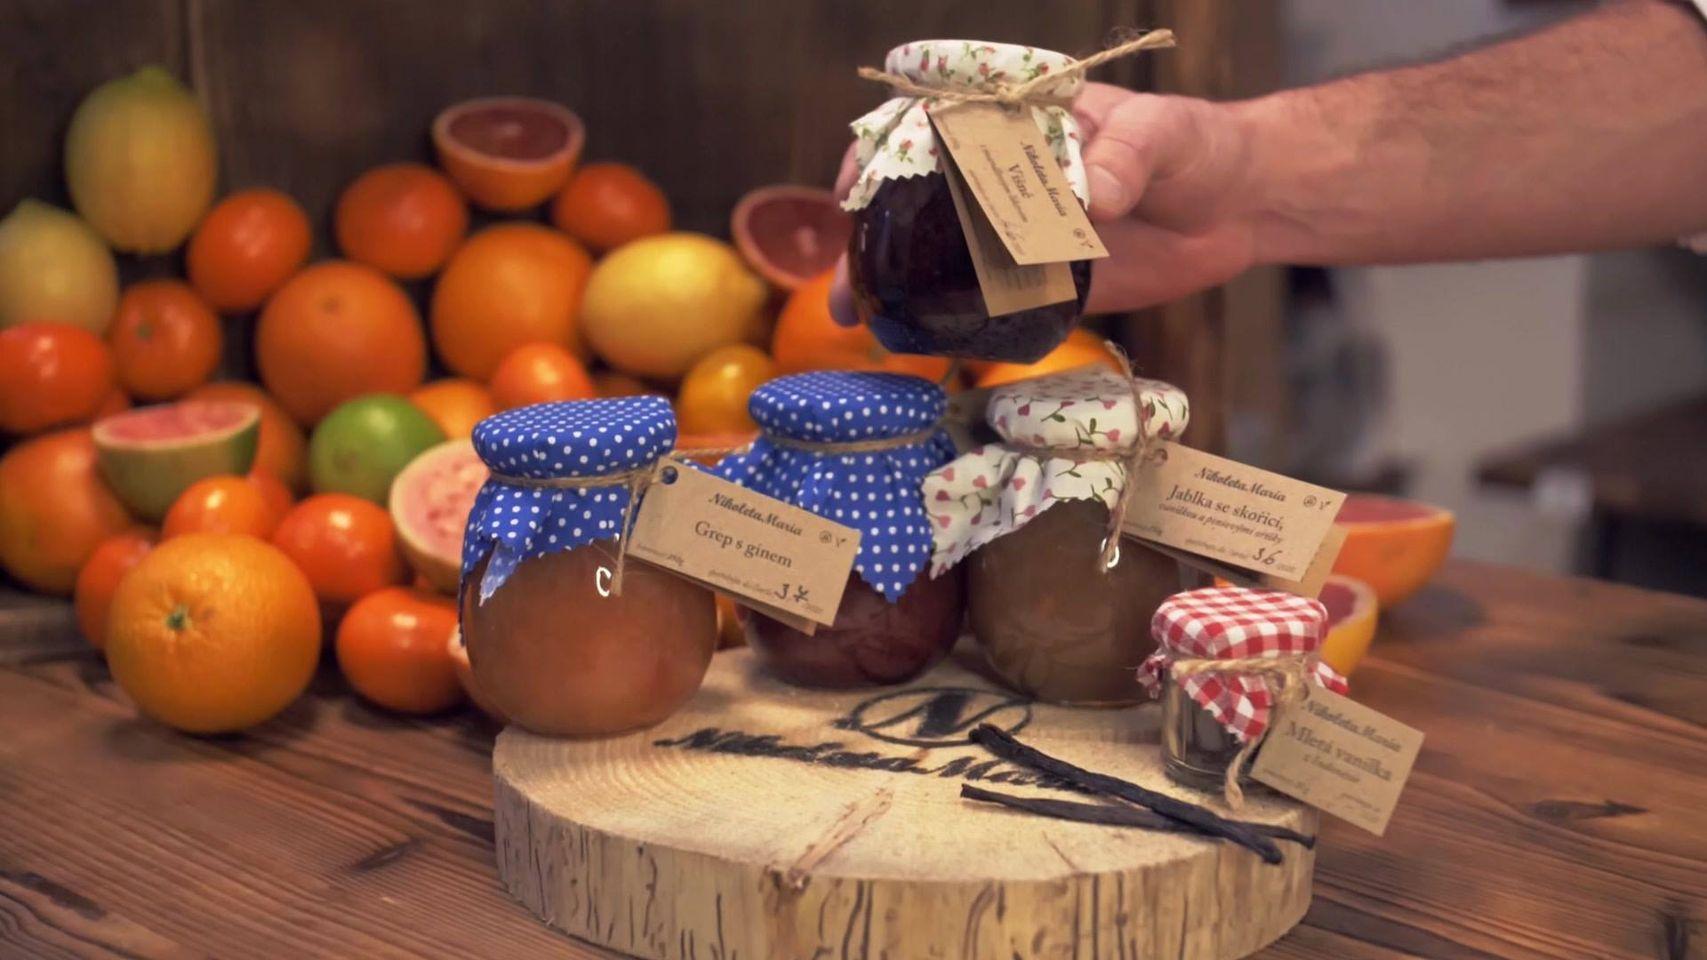 výroba marmelády